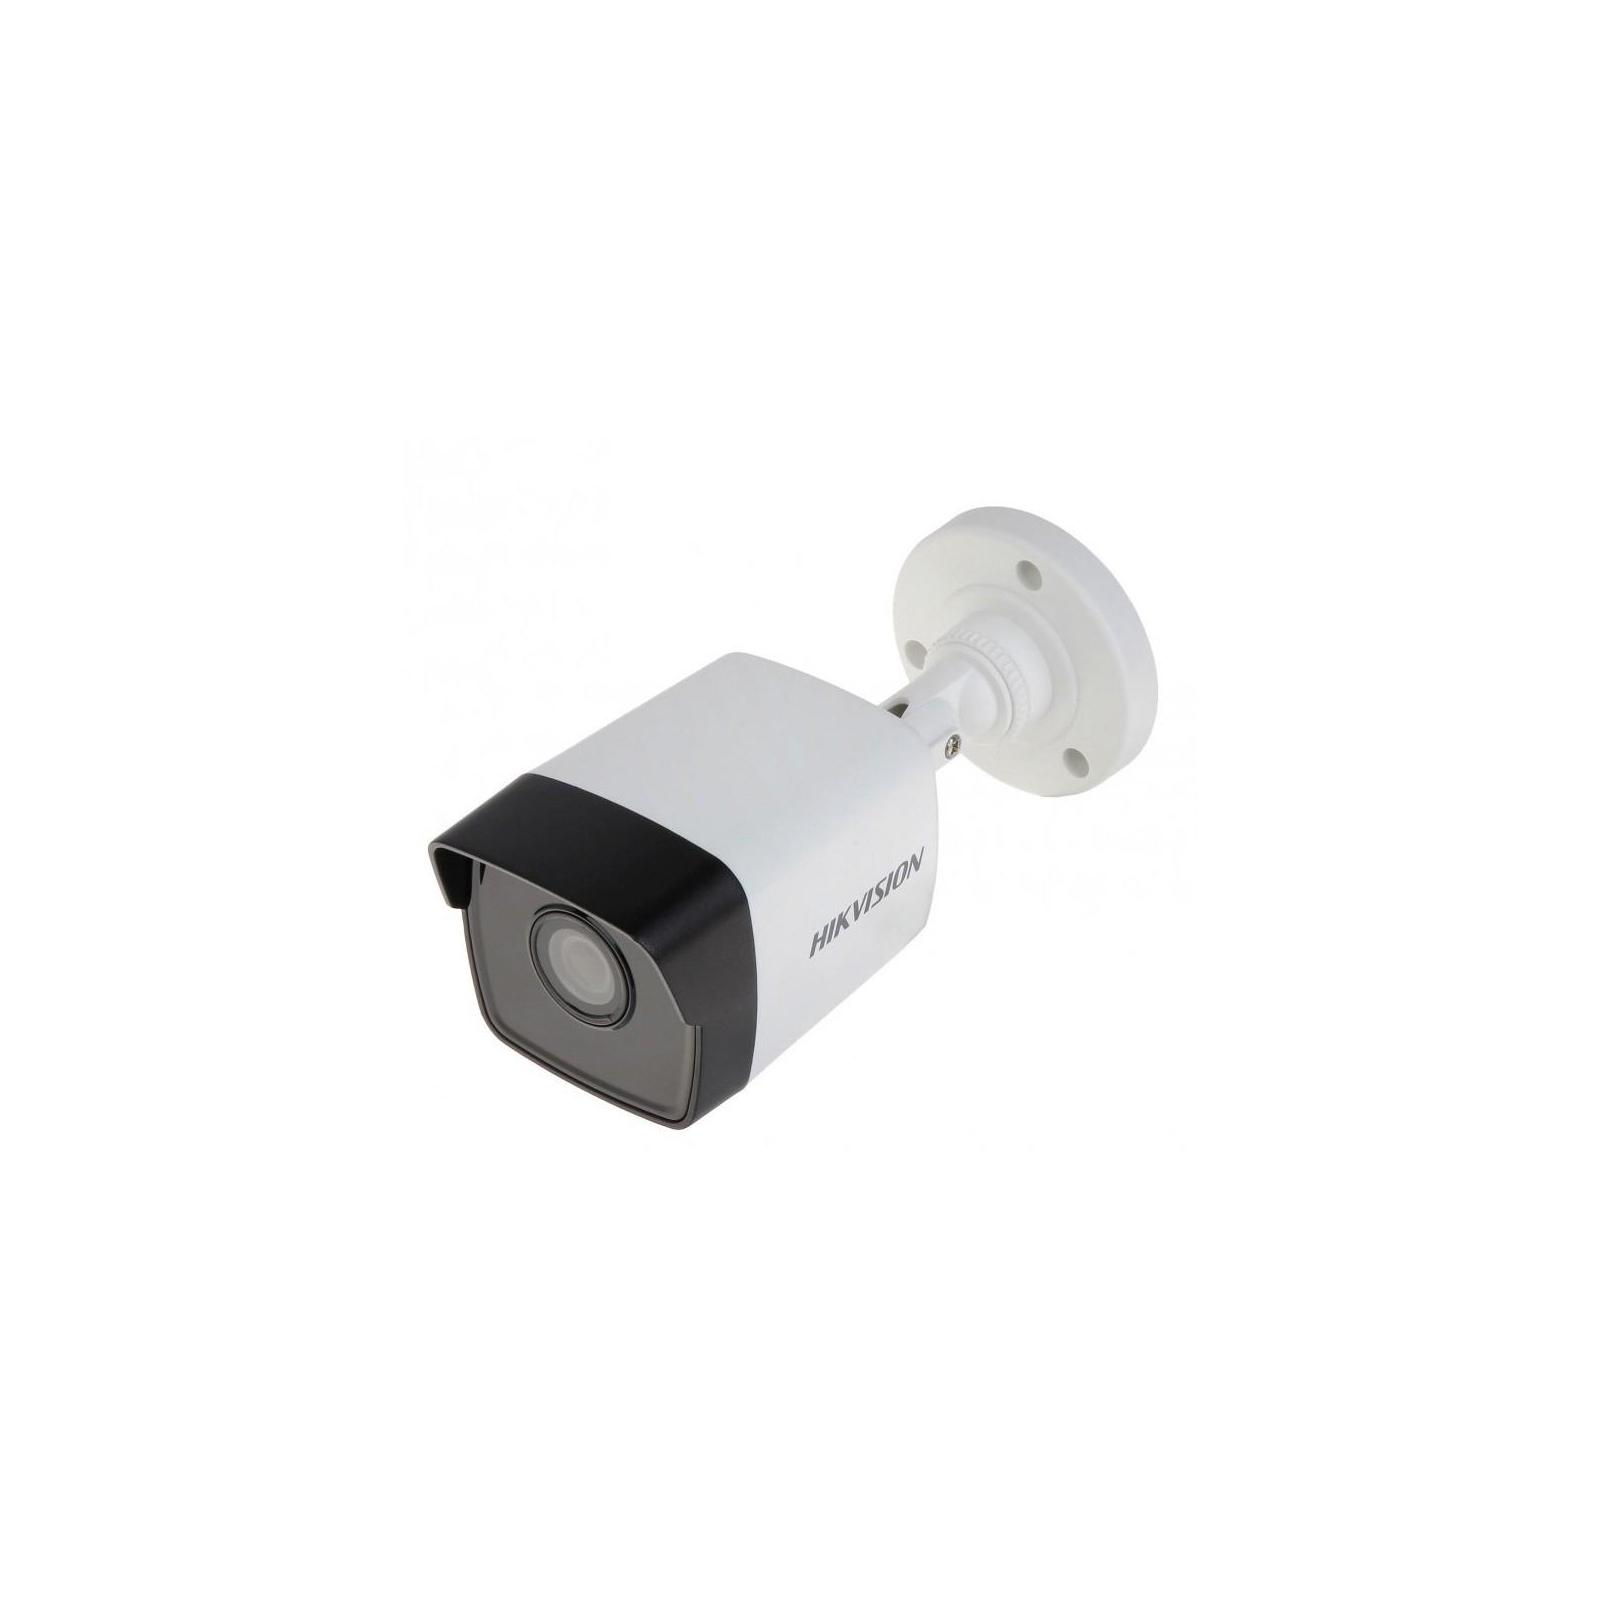 Камера видеонаблюдения HikVision DS-2CD1023G0-I (2.8) изображение 2